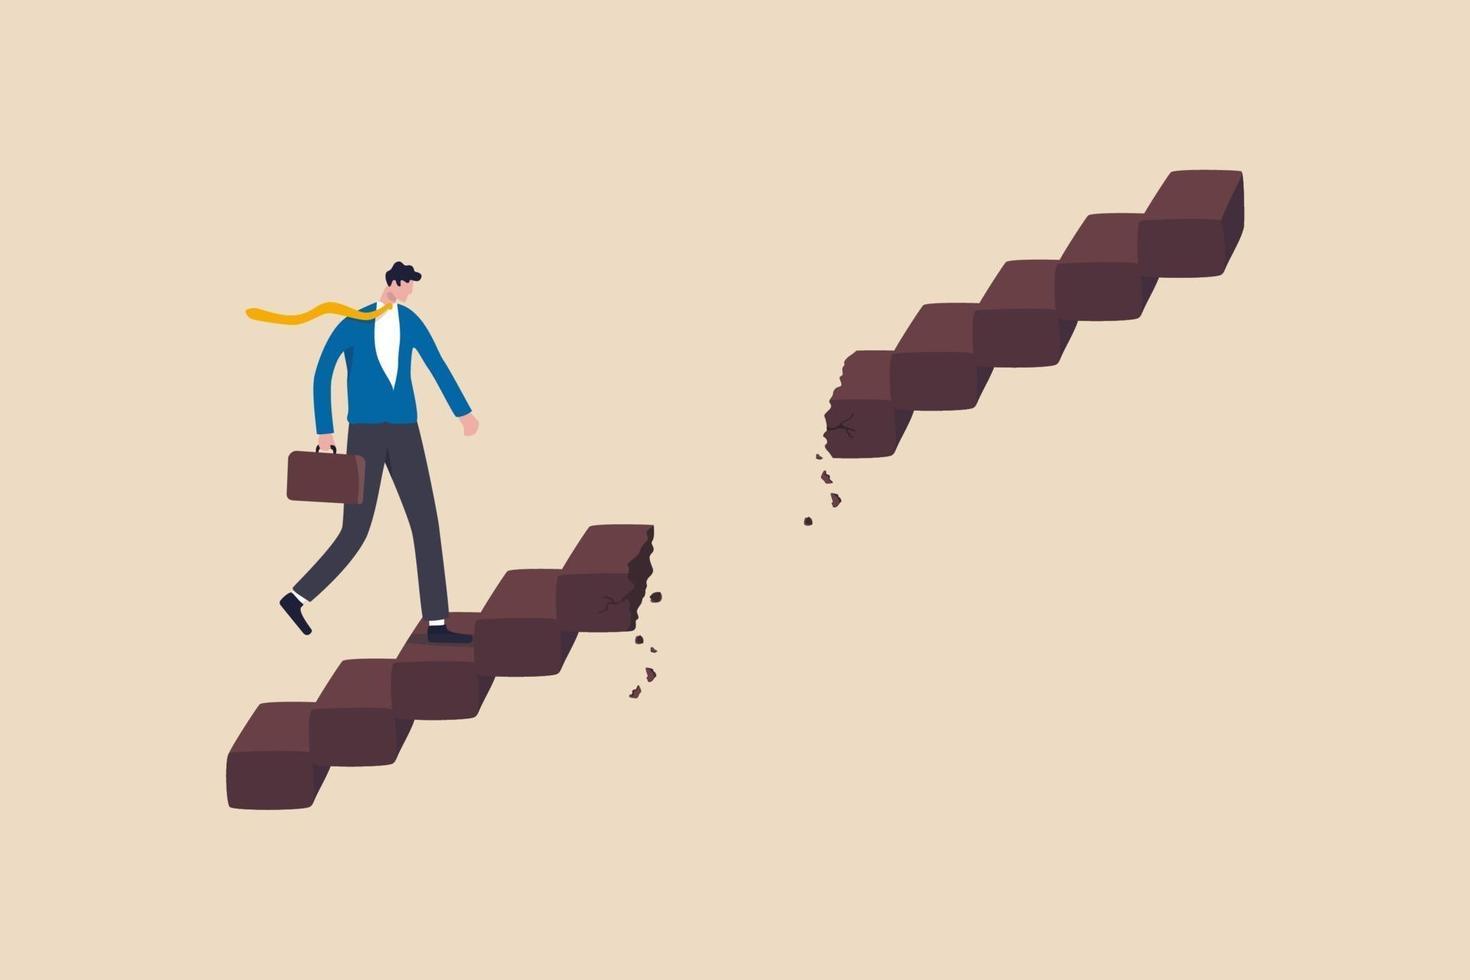 karriärväg hinder, affärsproblem eller risk, utmaning att uppnå framgång eller ledarskap för att övervinna svårighetskoncept vektor